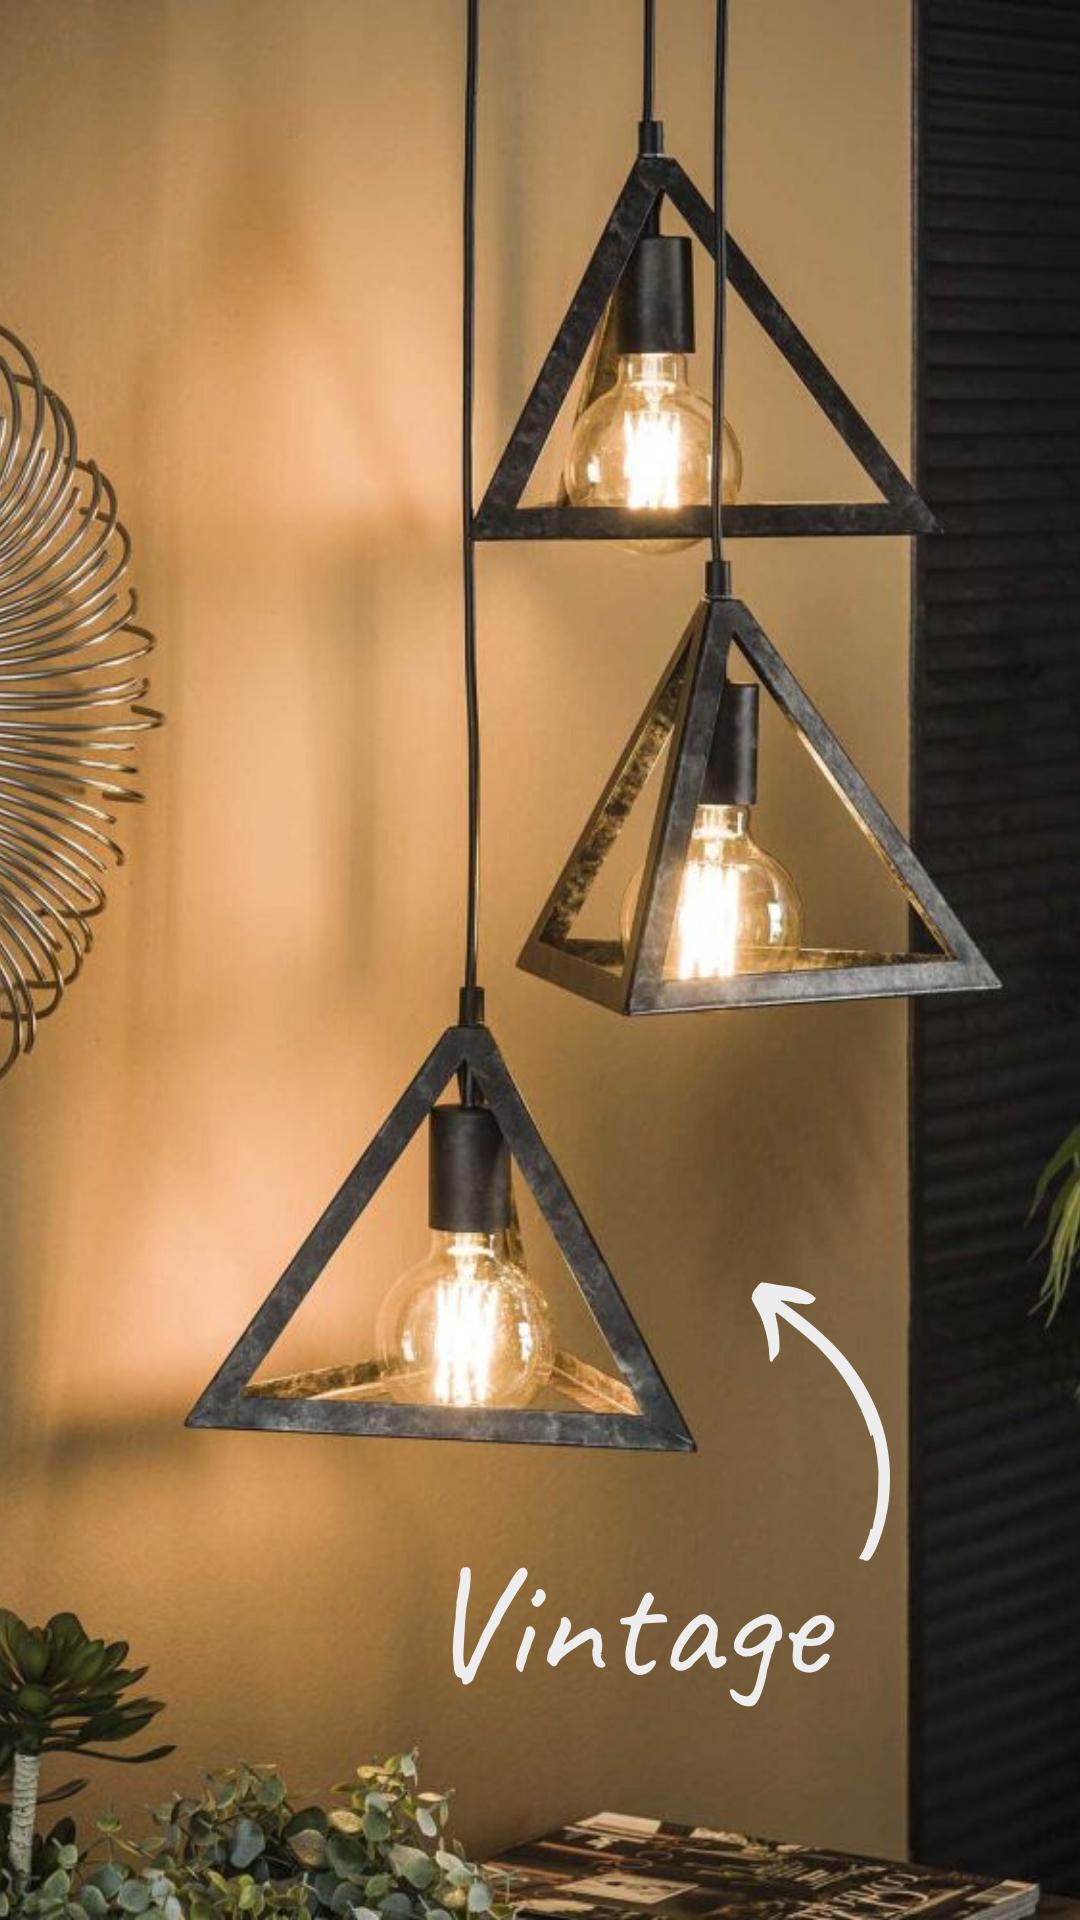 Vintage Lampen Und Retro Lampen Beleuchtung Fur Zuhause Retro Lampe Vintage Lampen Design Lampen